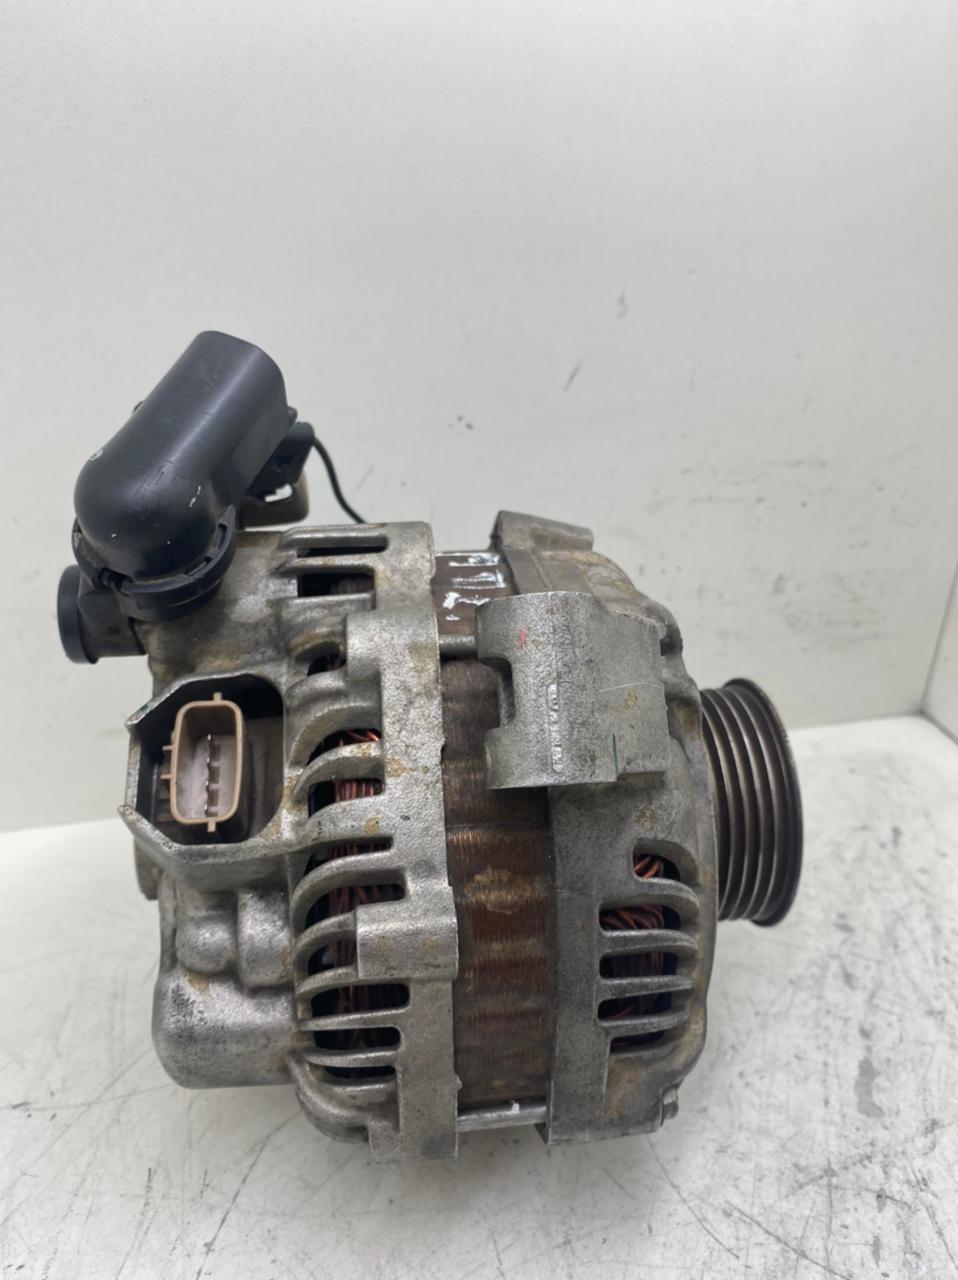 Alternador 12V 120AMP Outlander Gasolina 3.0 V6 Gt 2012 2020 1800A141 A3TG4491 A003TG4491MI A003TG4491ZC